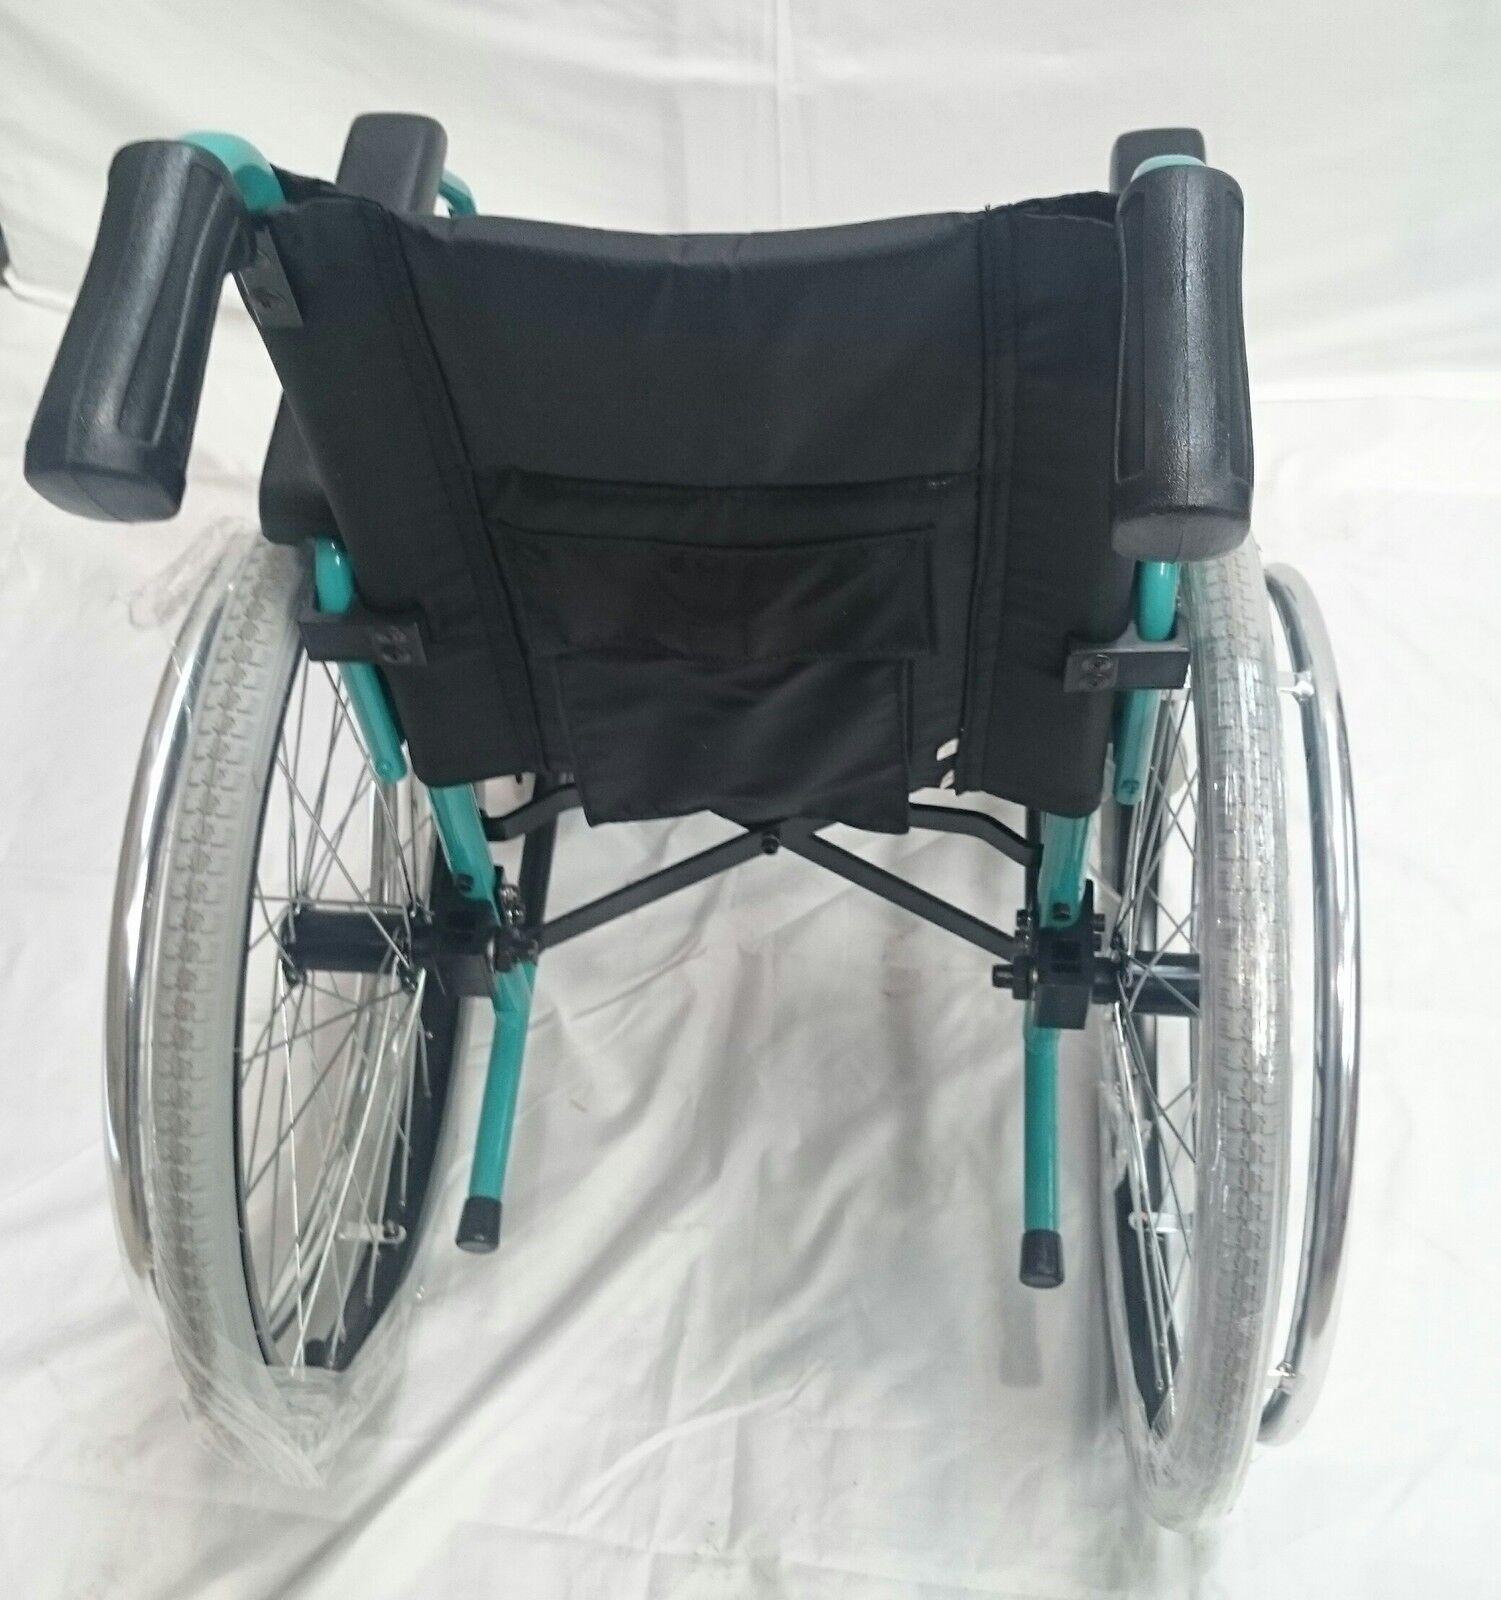 s l1600 - Silla de ruedas infantil plegable. Para niños Desmontable superligera resistente